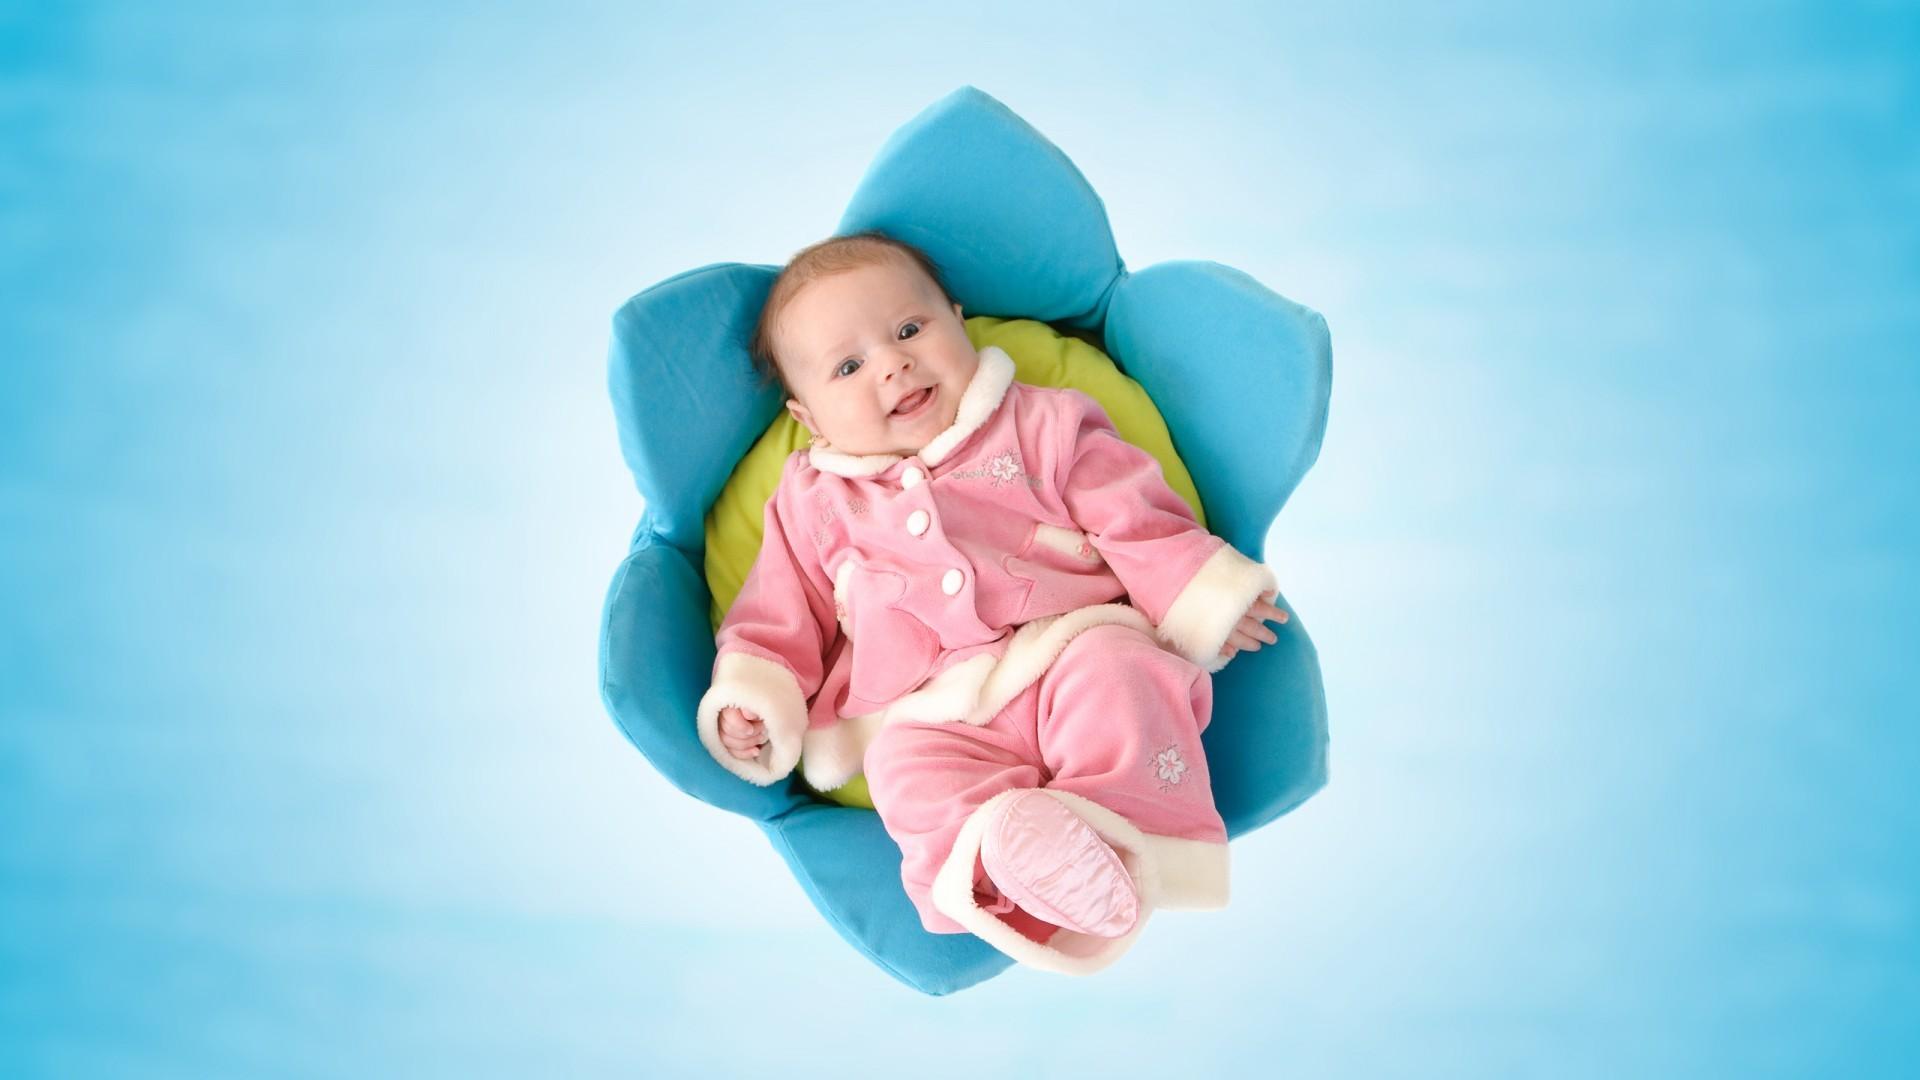 1920x1080 newborn baby background 1683